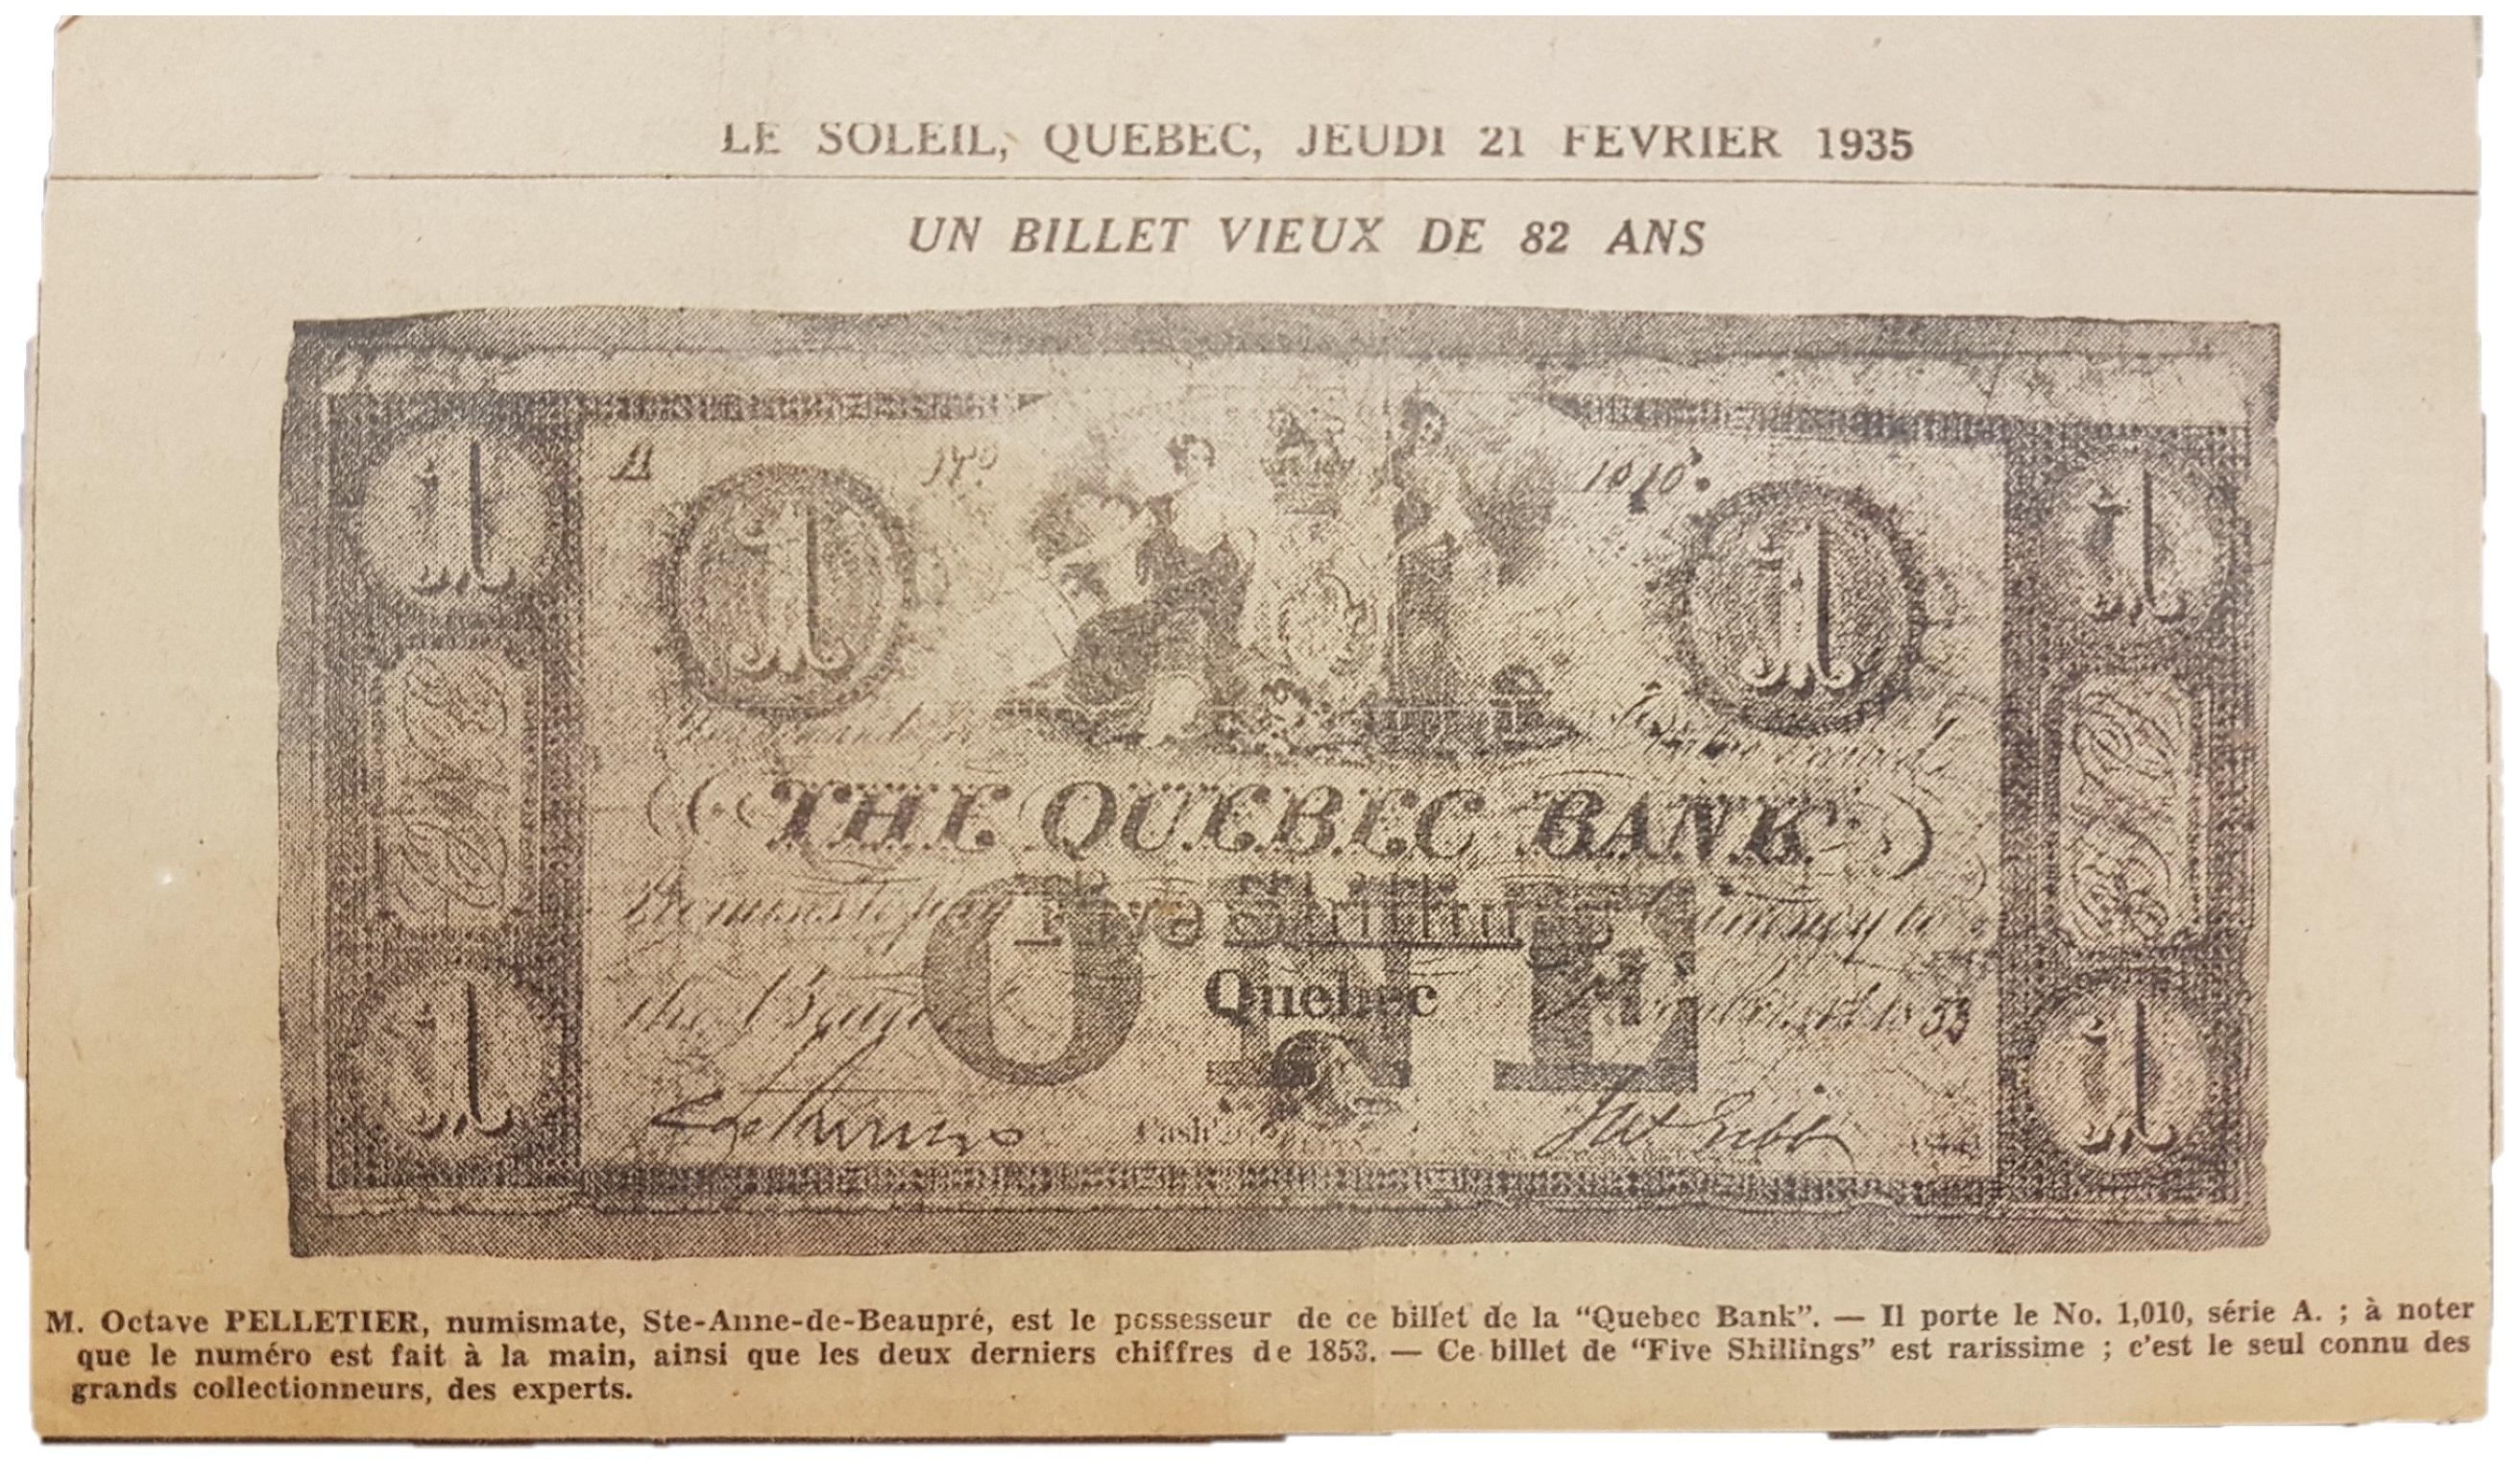 Journal Le Soleil mentionnant un numismate possédant ce billet rarissime